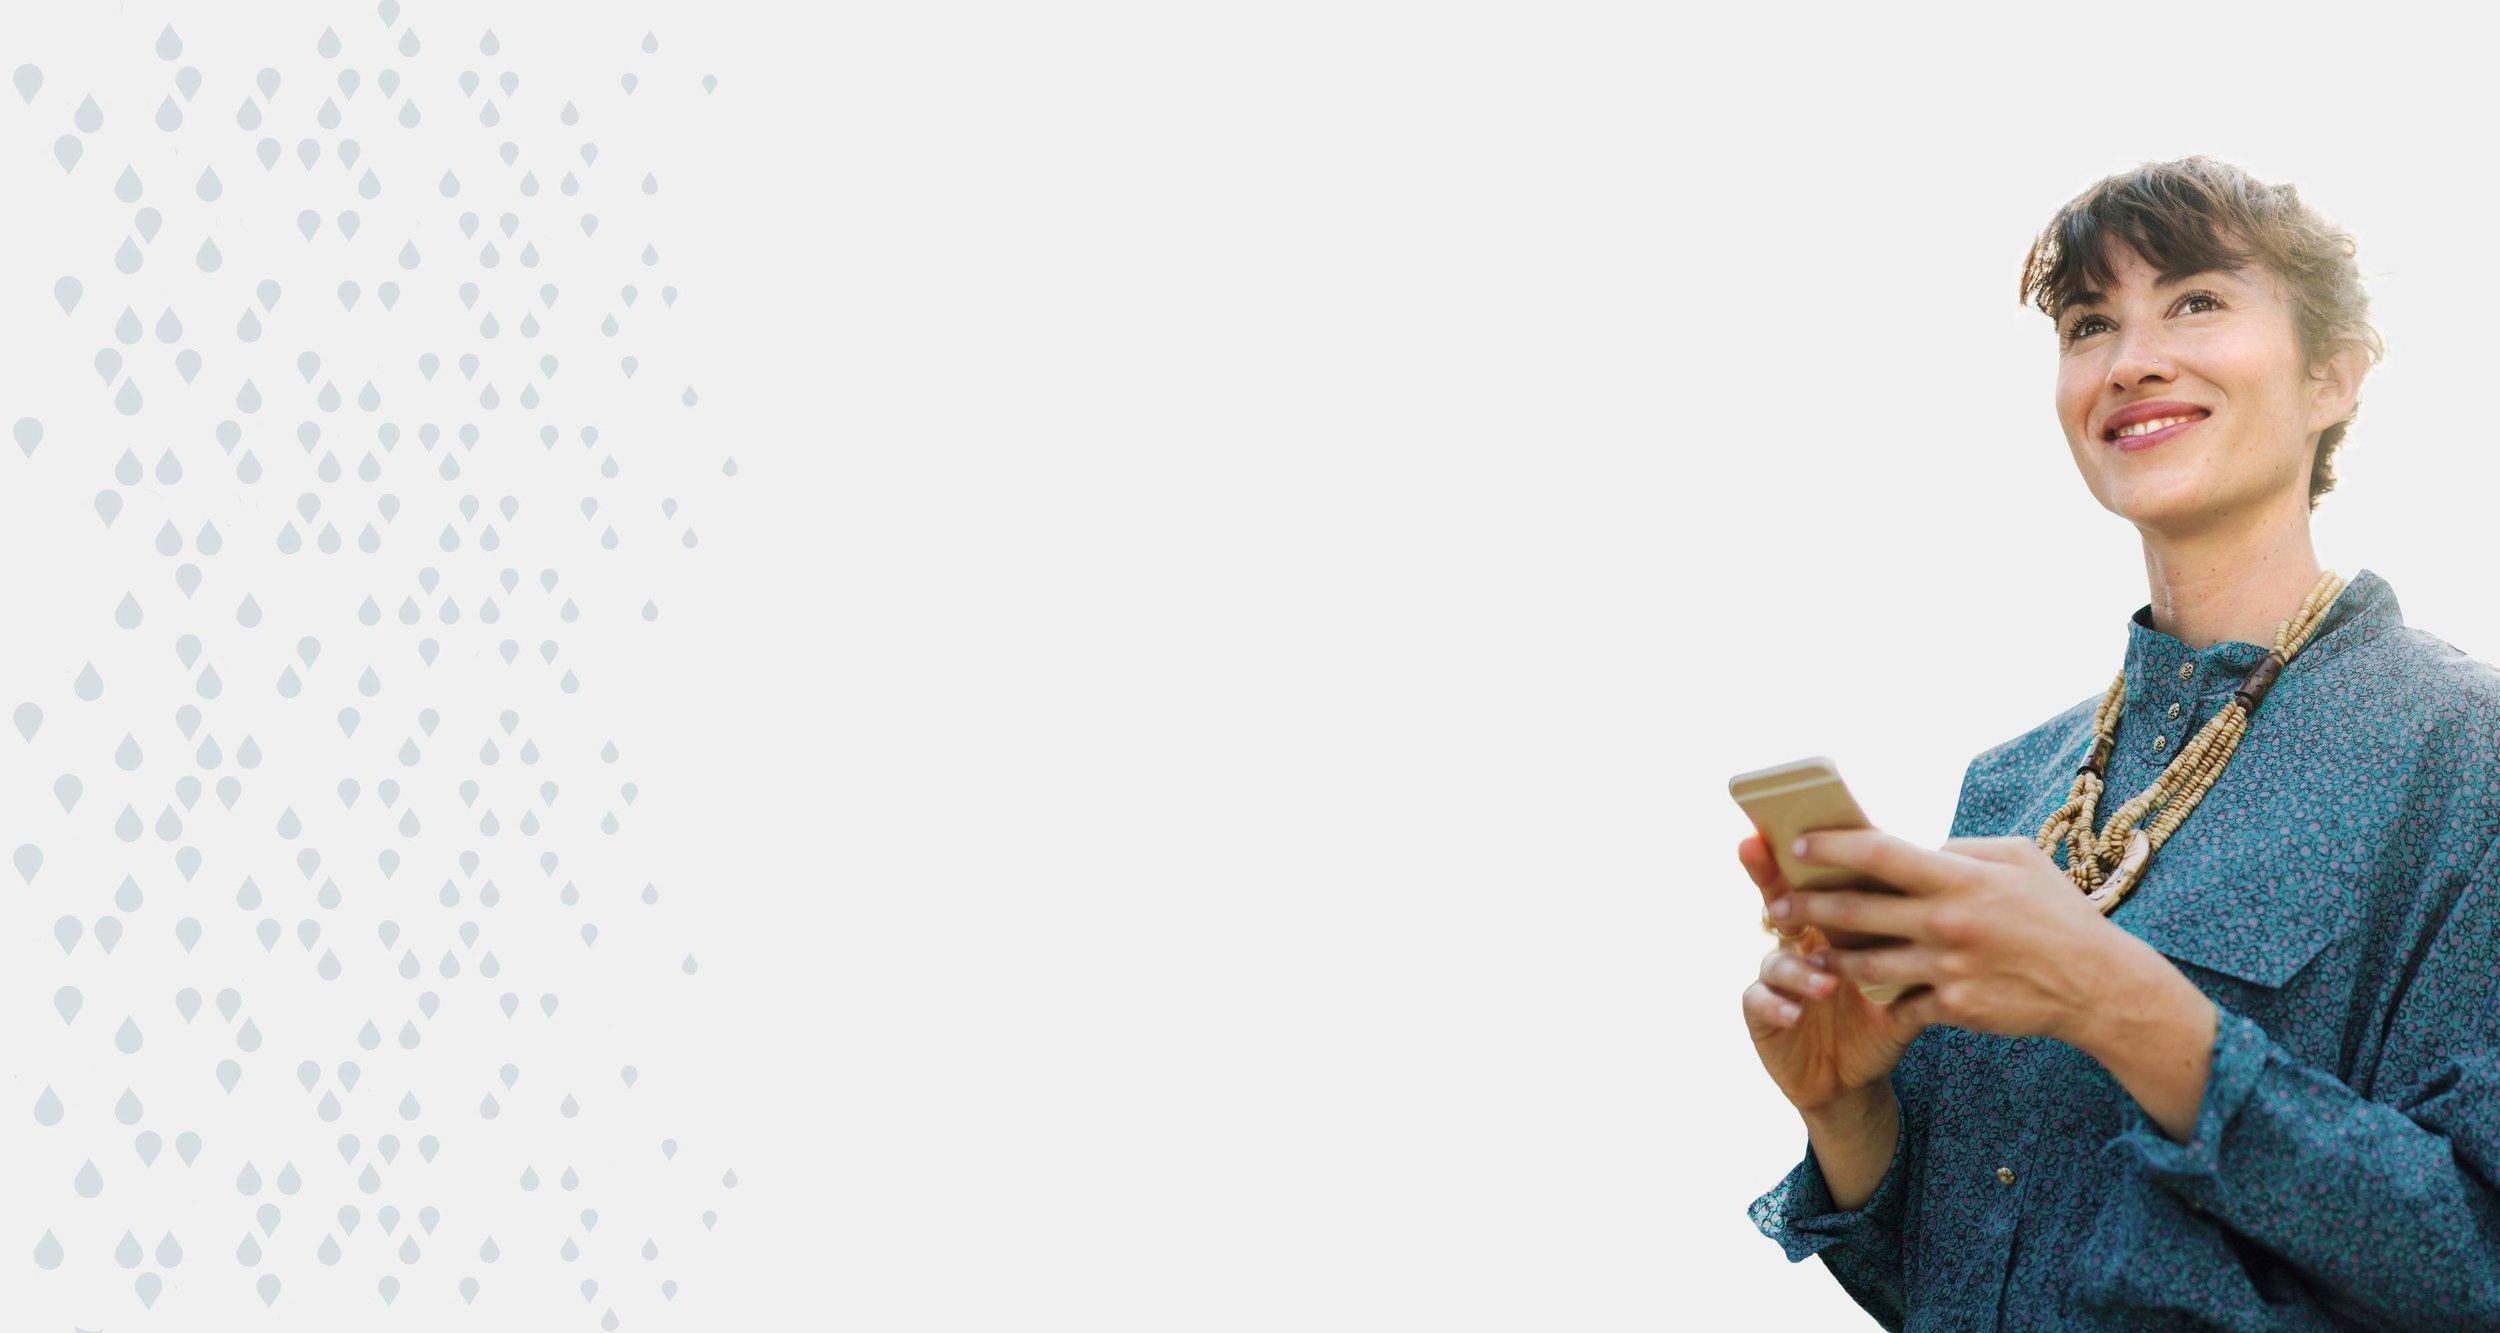 Revolutionieren Sie Ihre Unternehmens-Kommunikation   Condense ist Ihre Mobile-App für Content Publishing, Top-Down und Bottom-Up Kommunikation.   Für Inhalte, die Ihnen wichtig sind.   Condense entdecken